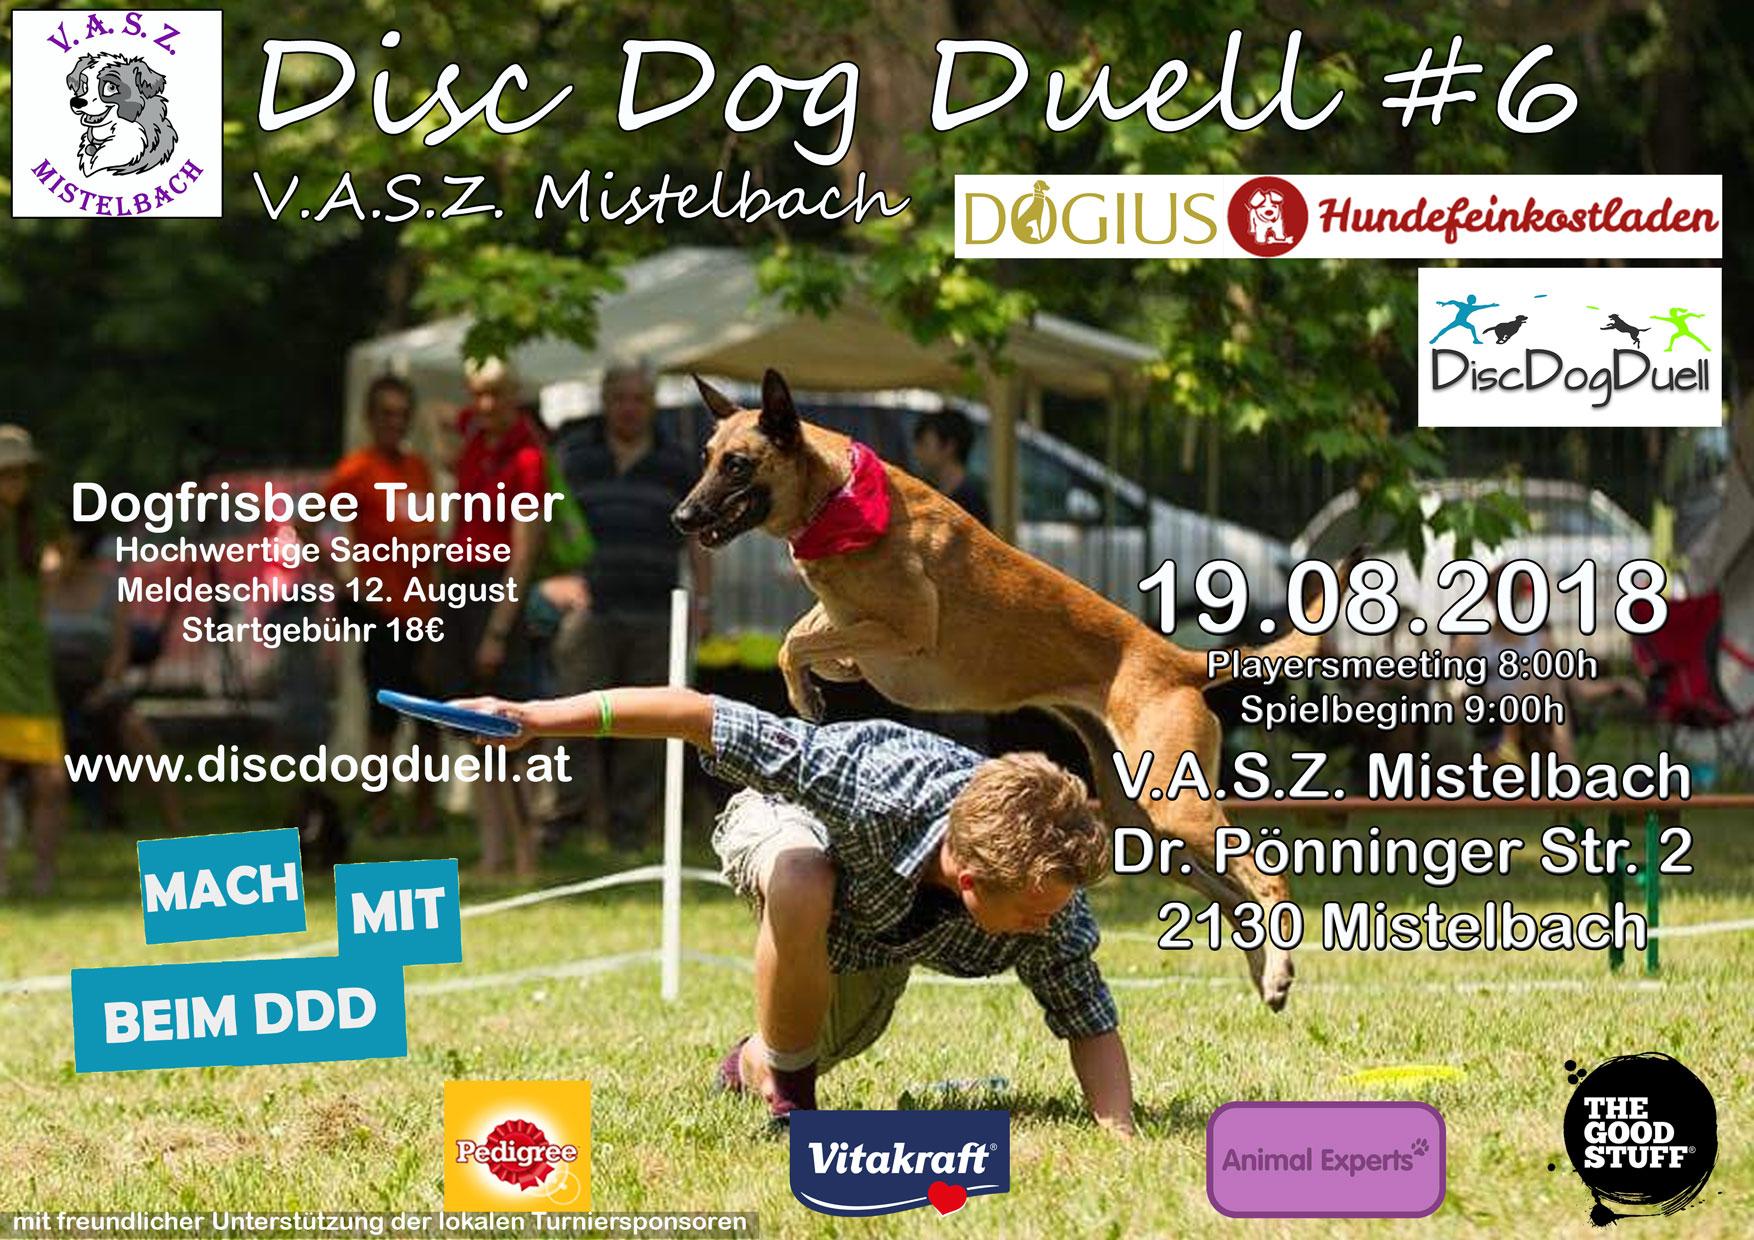 Dogfrisbee Turnier - DiscDogDuell Series 2018 beim V.A.S.Z. Mistelbach